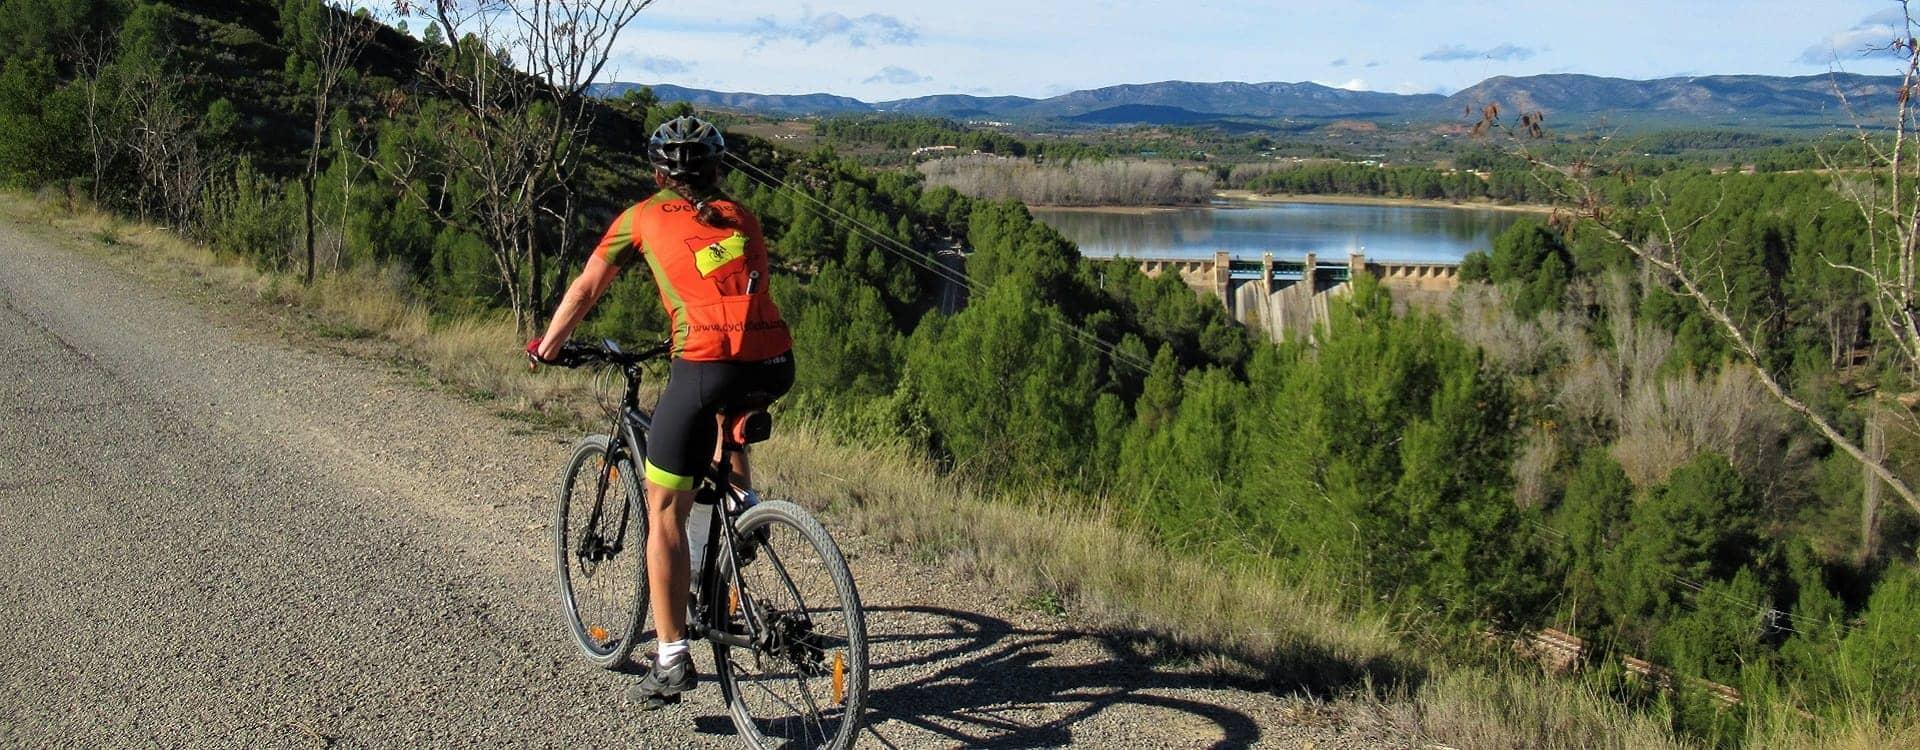 Valencia Cycling Holiday